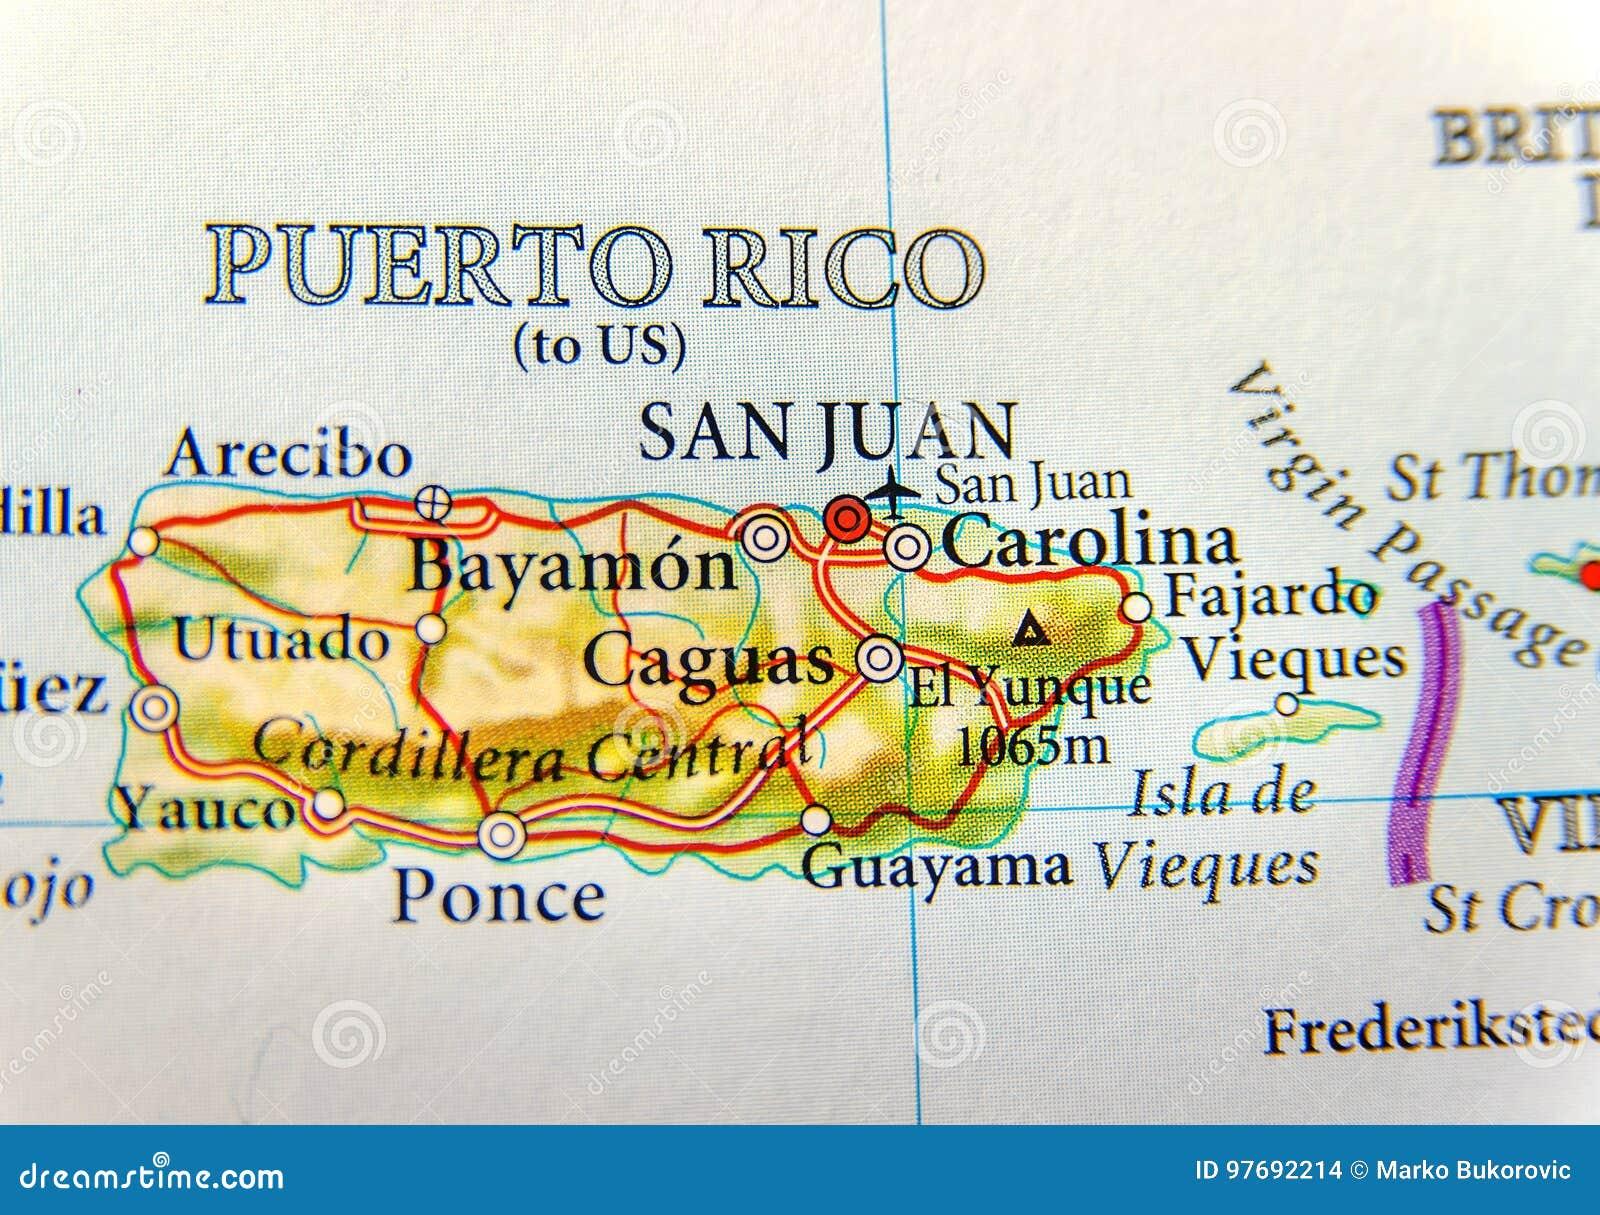 Geografisk översikt av Puerto Rico med huvudstad San Juan